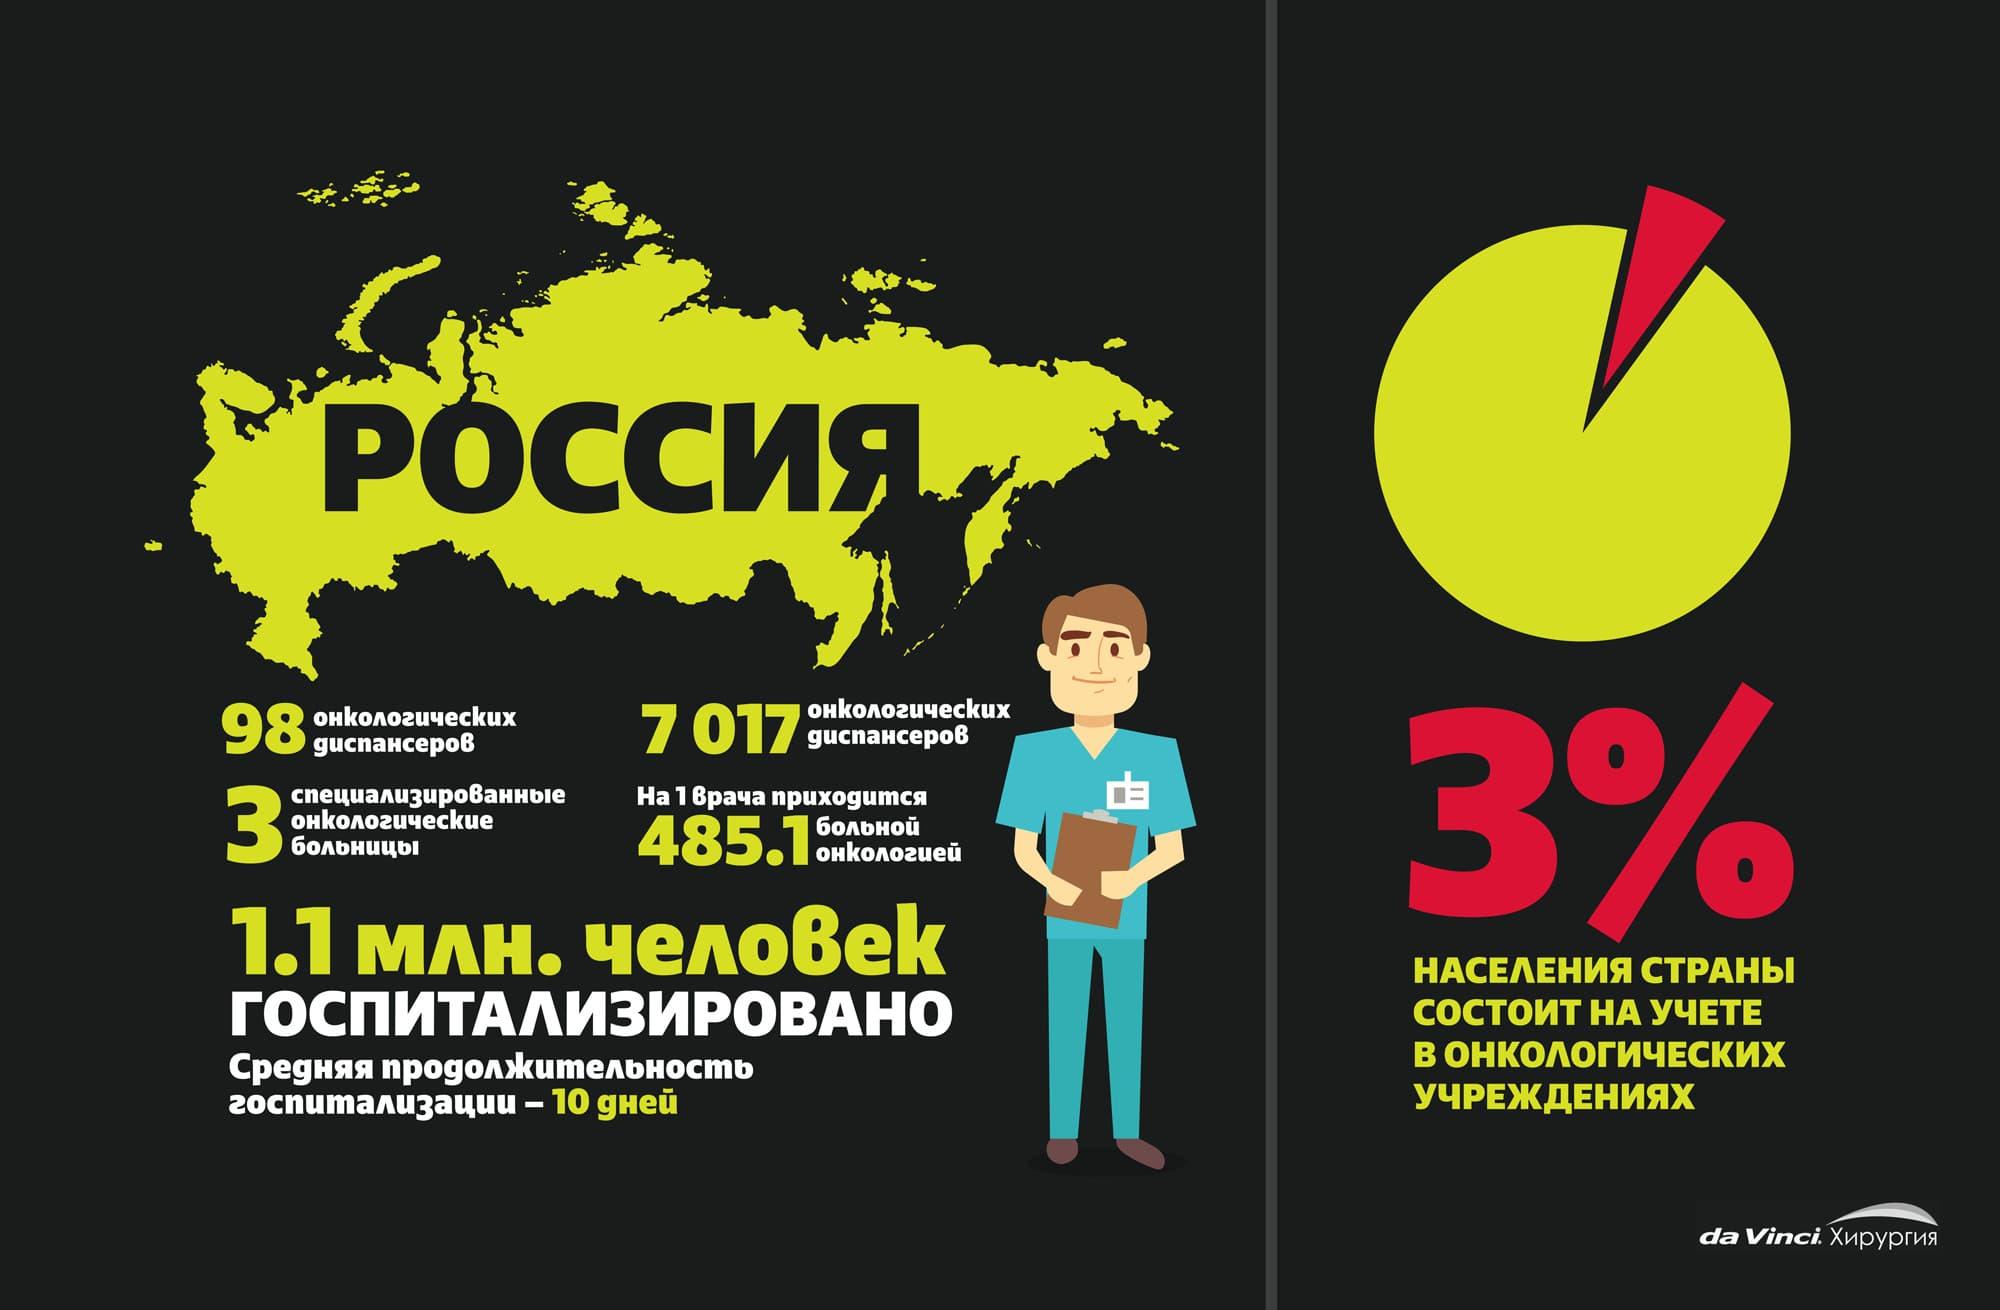 Заболеваемость раком в России, онкодиспансеры